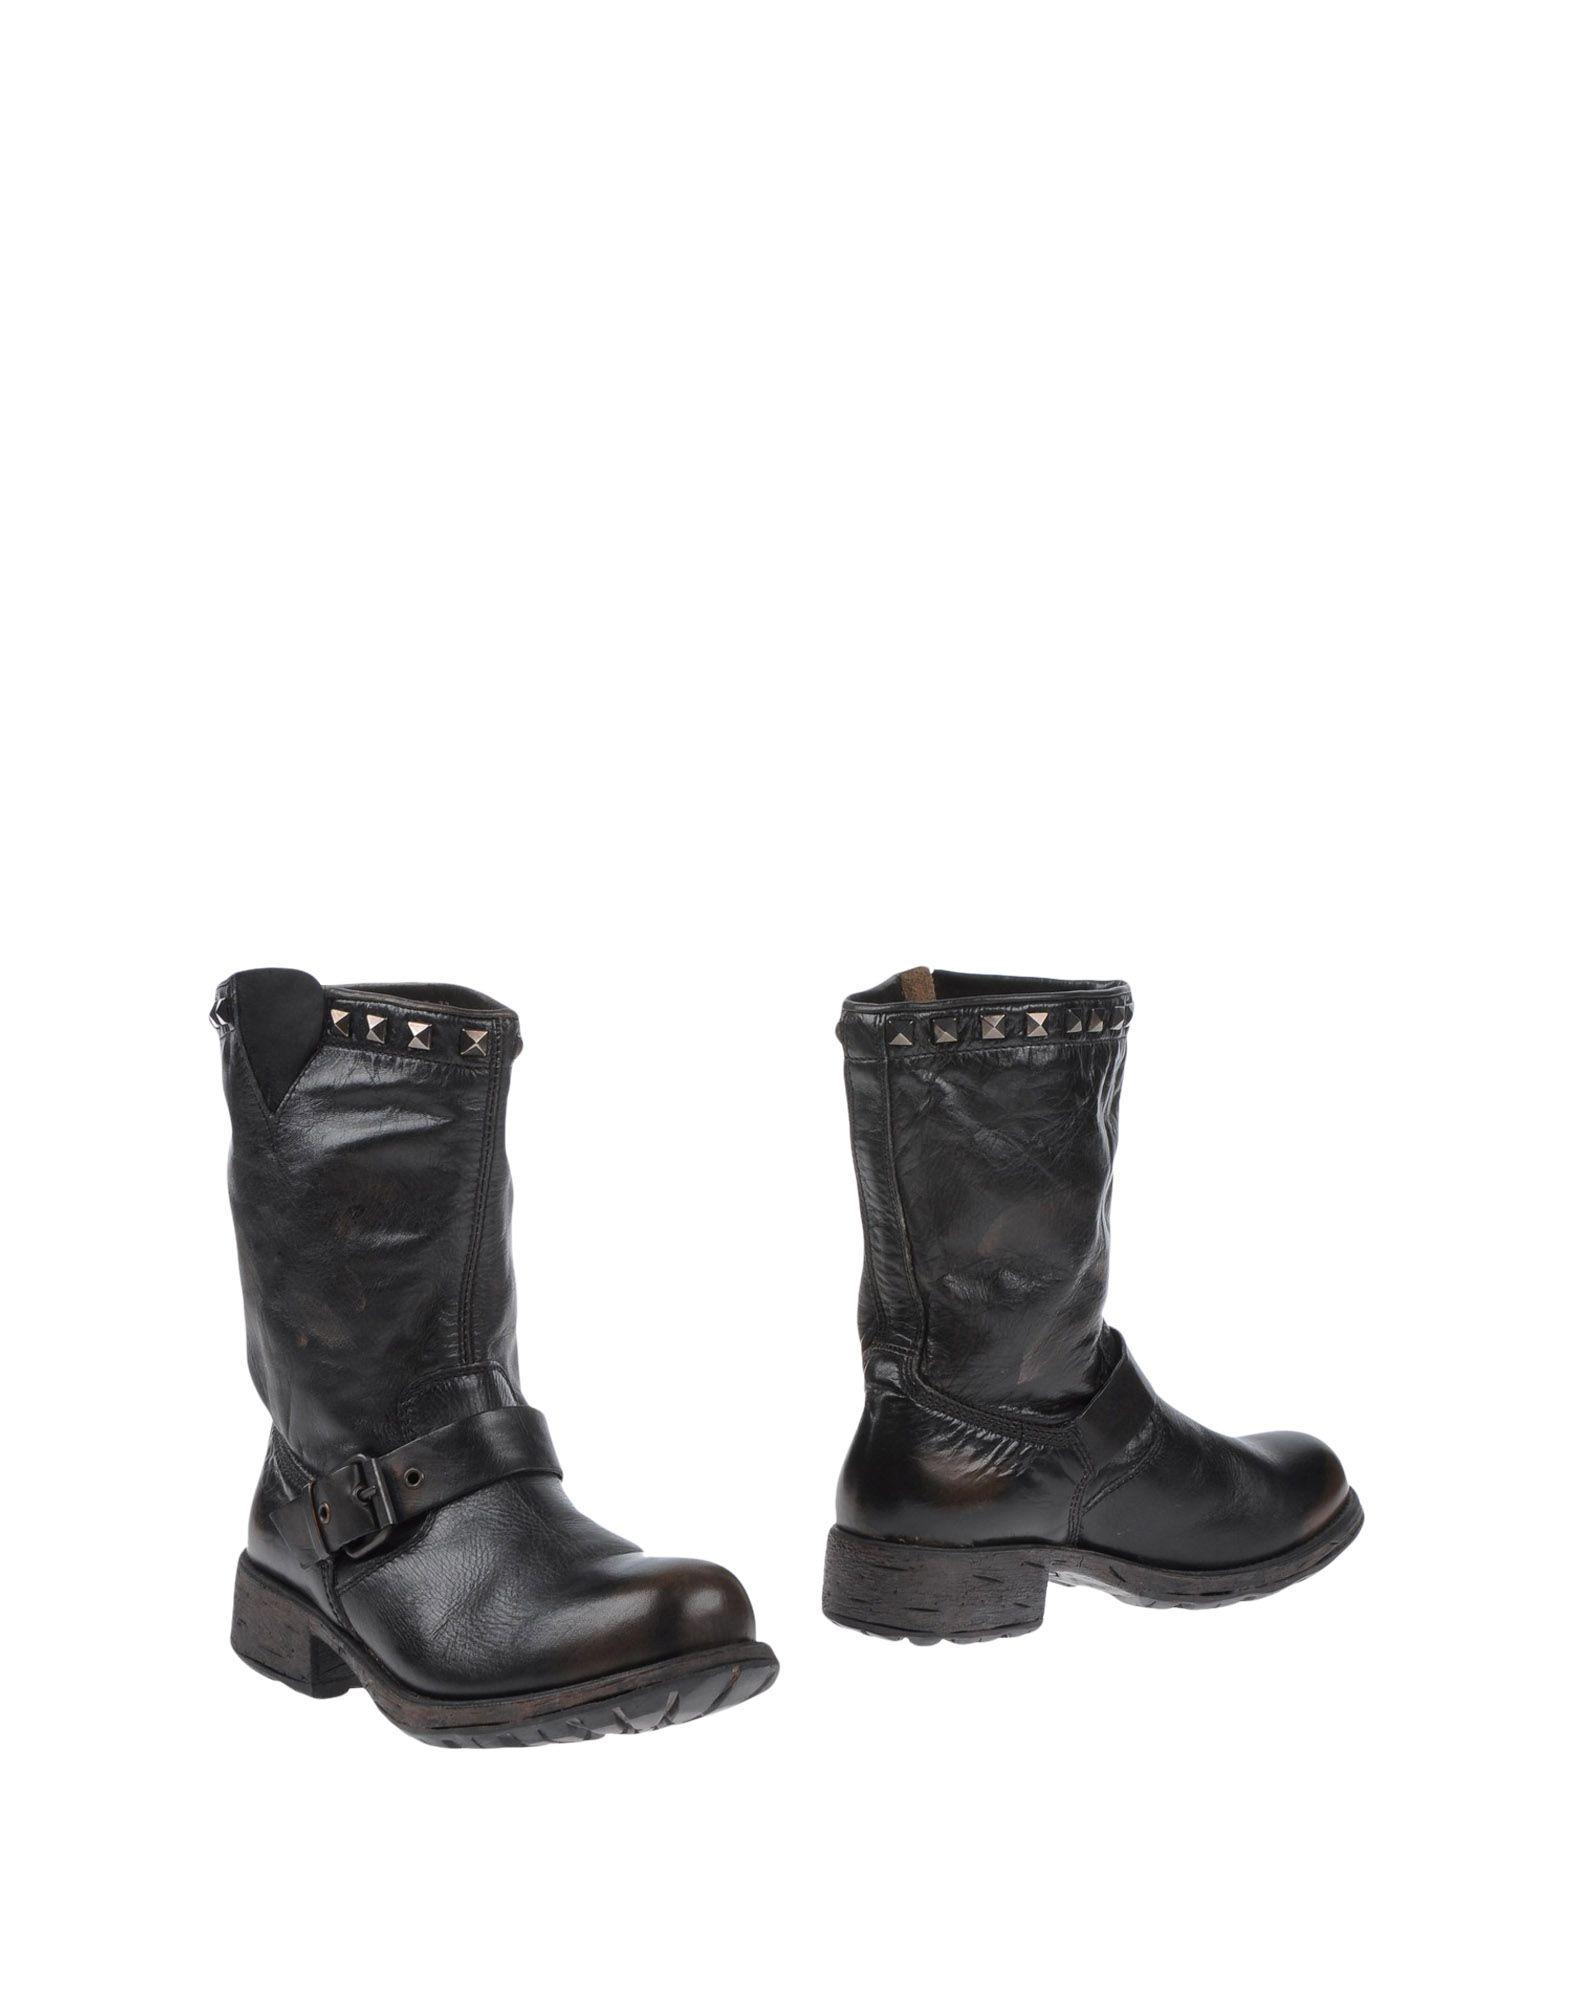 Cult Stiefelette Damen  11135035TW Gute Qualität beliebte Schuhe